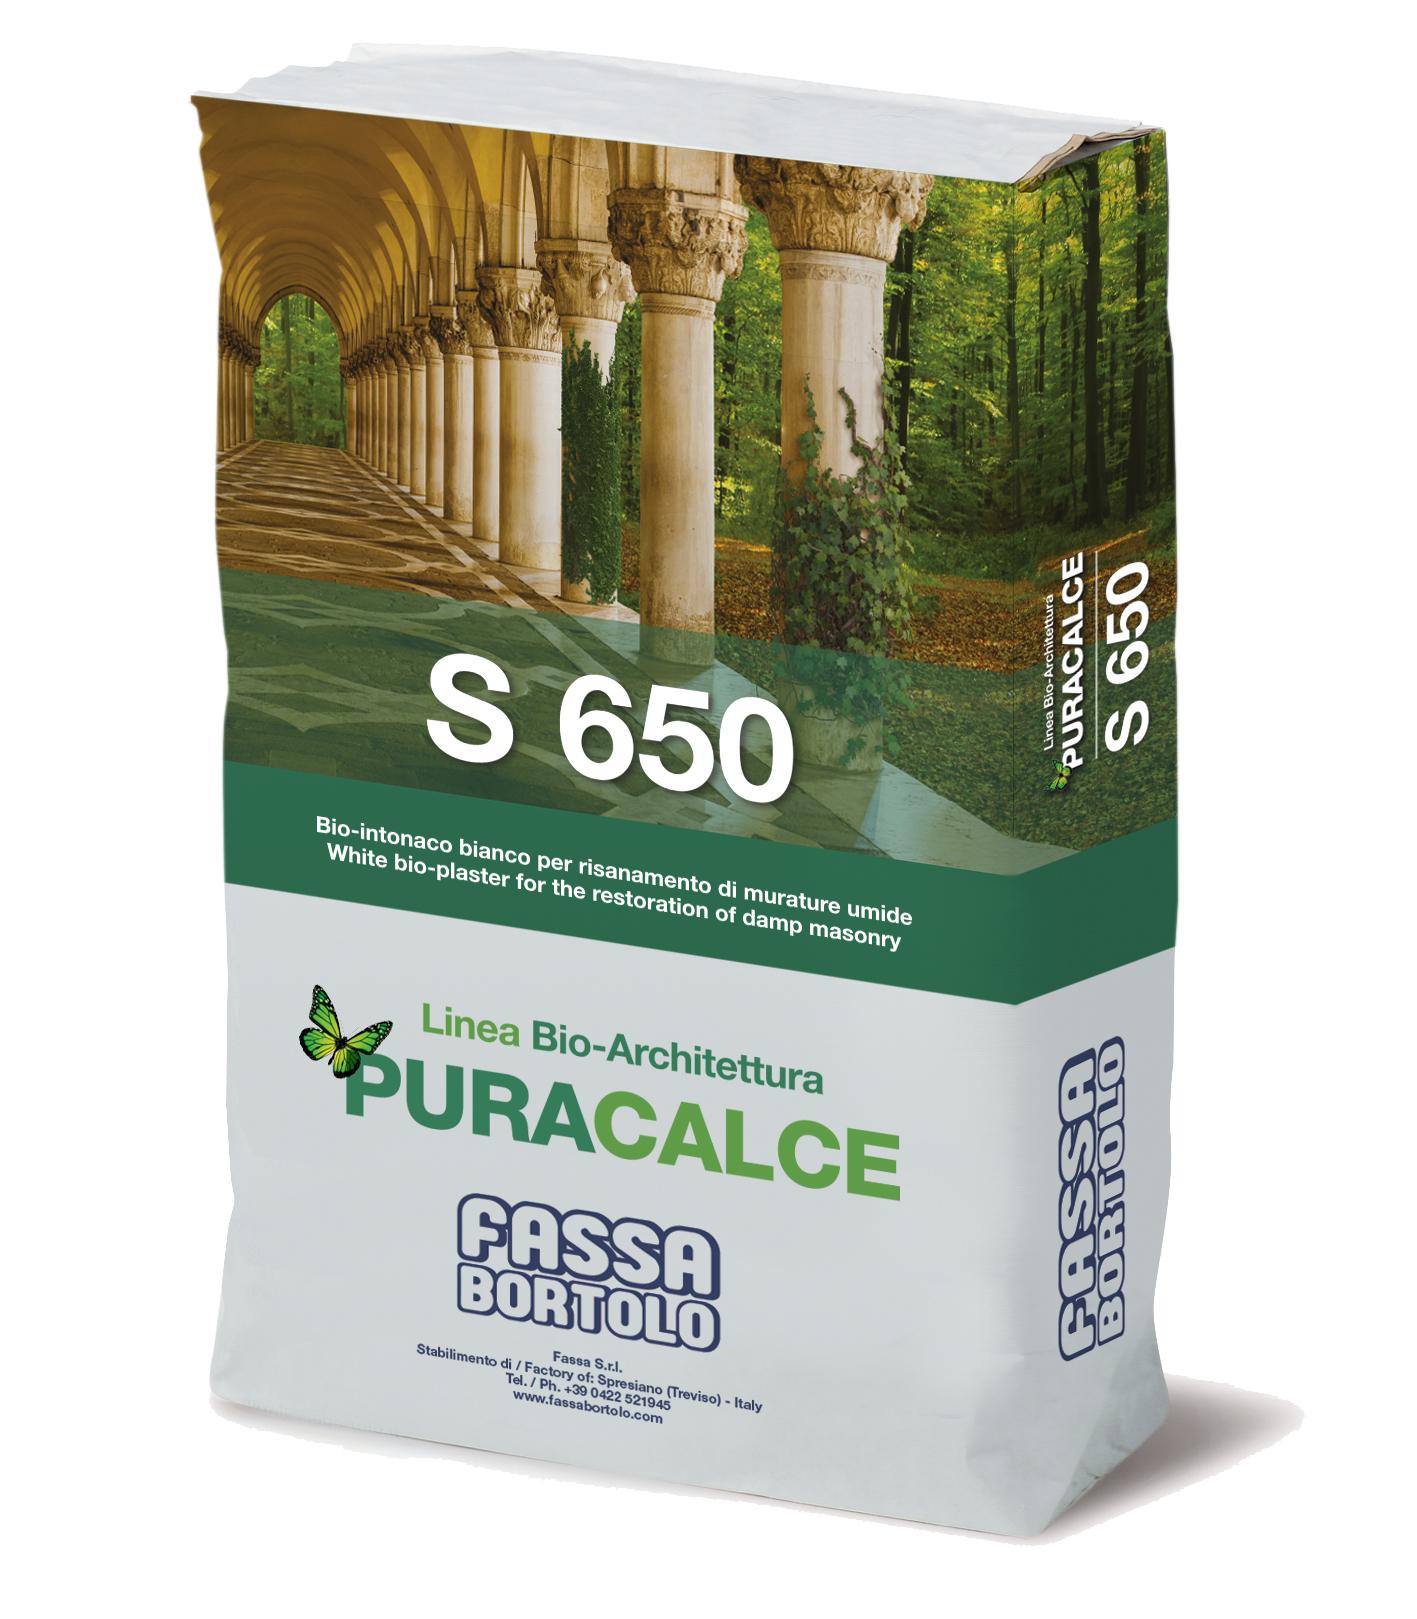 S 650: Bio-rinzaffo bianco per il risanamento di murature umide per interni ed esterni